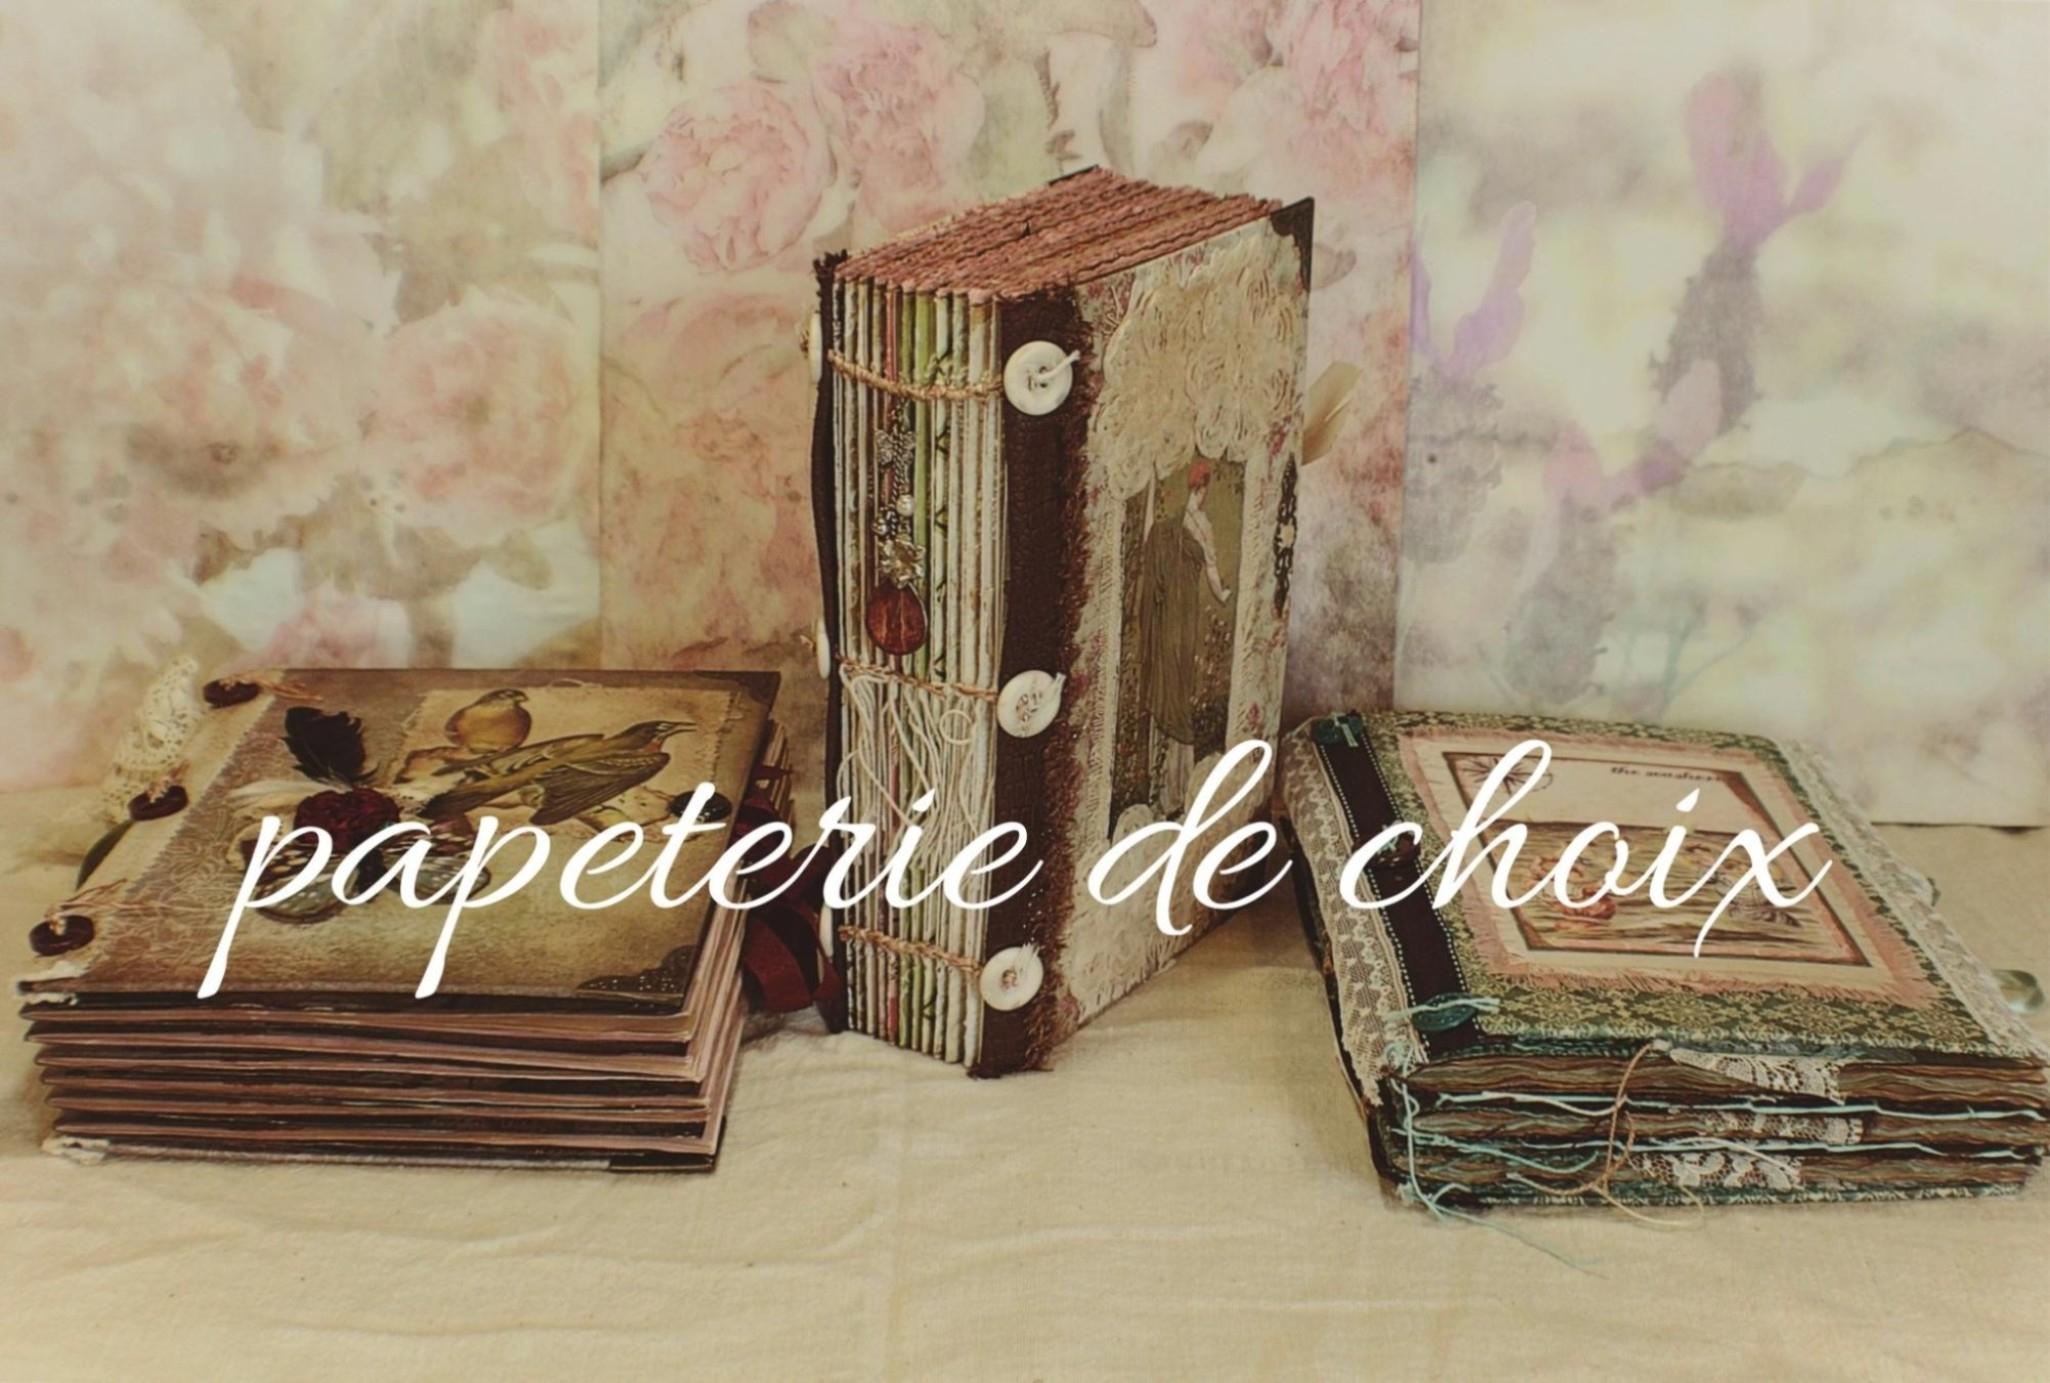 papeterie de c (@papeteriedechoix) Cover Image